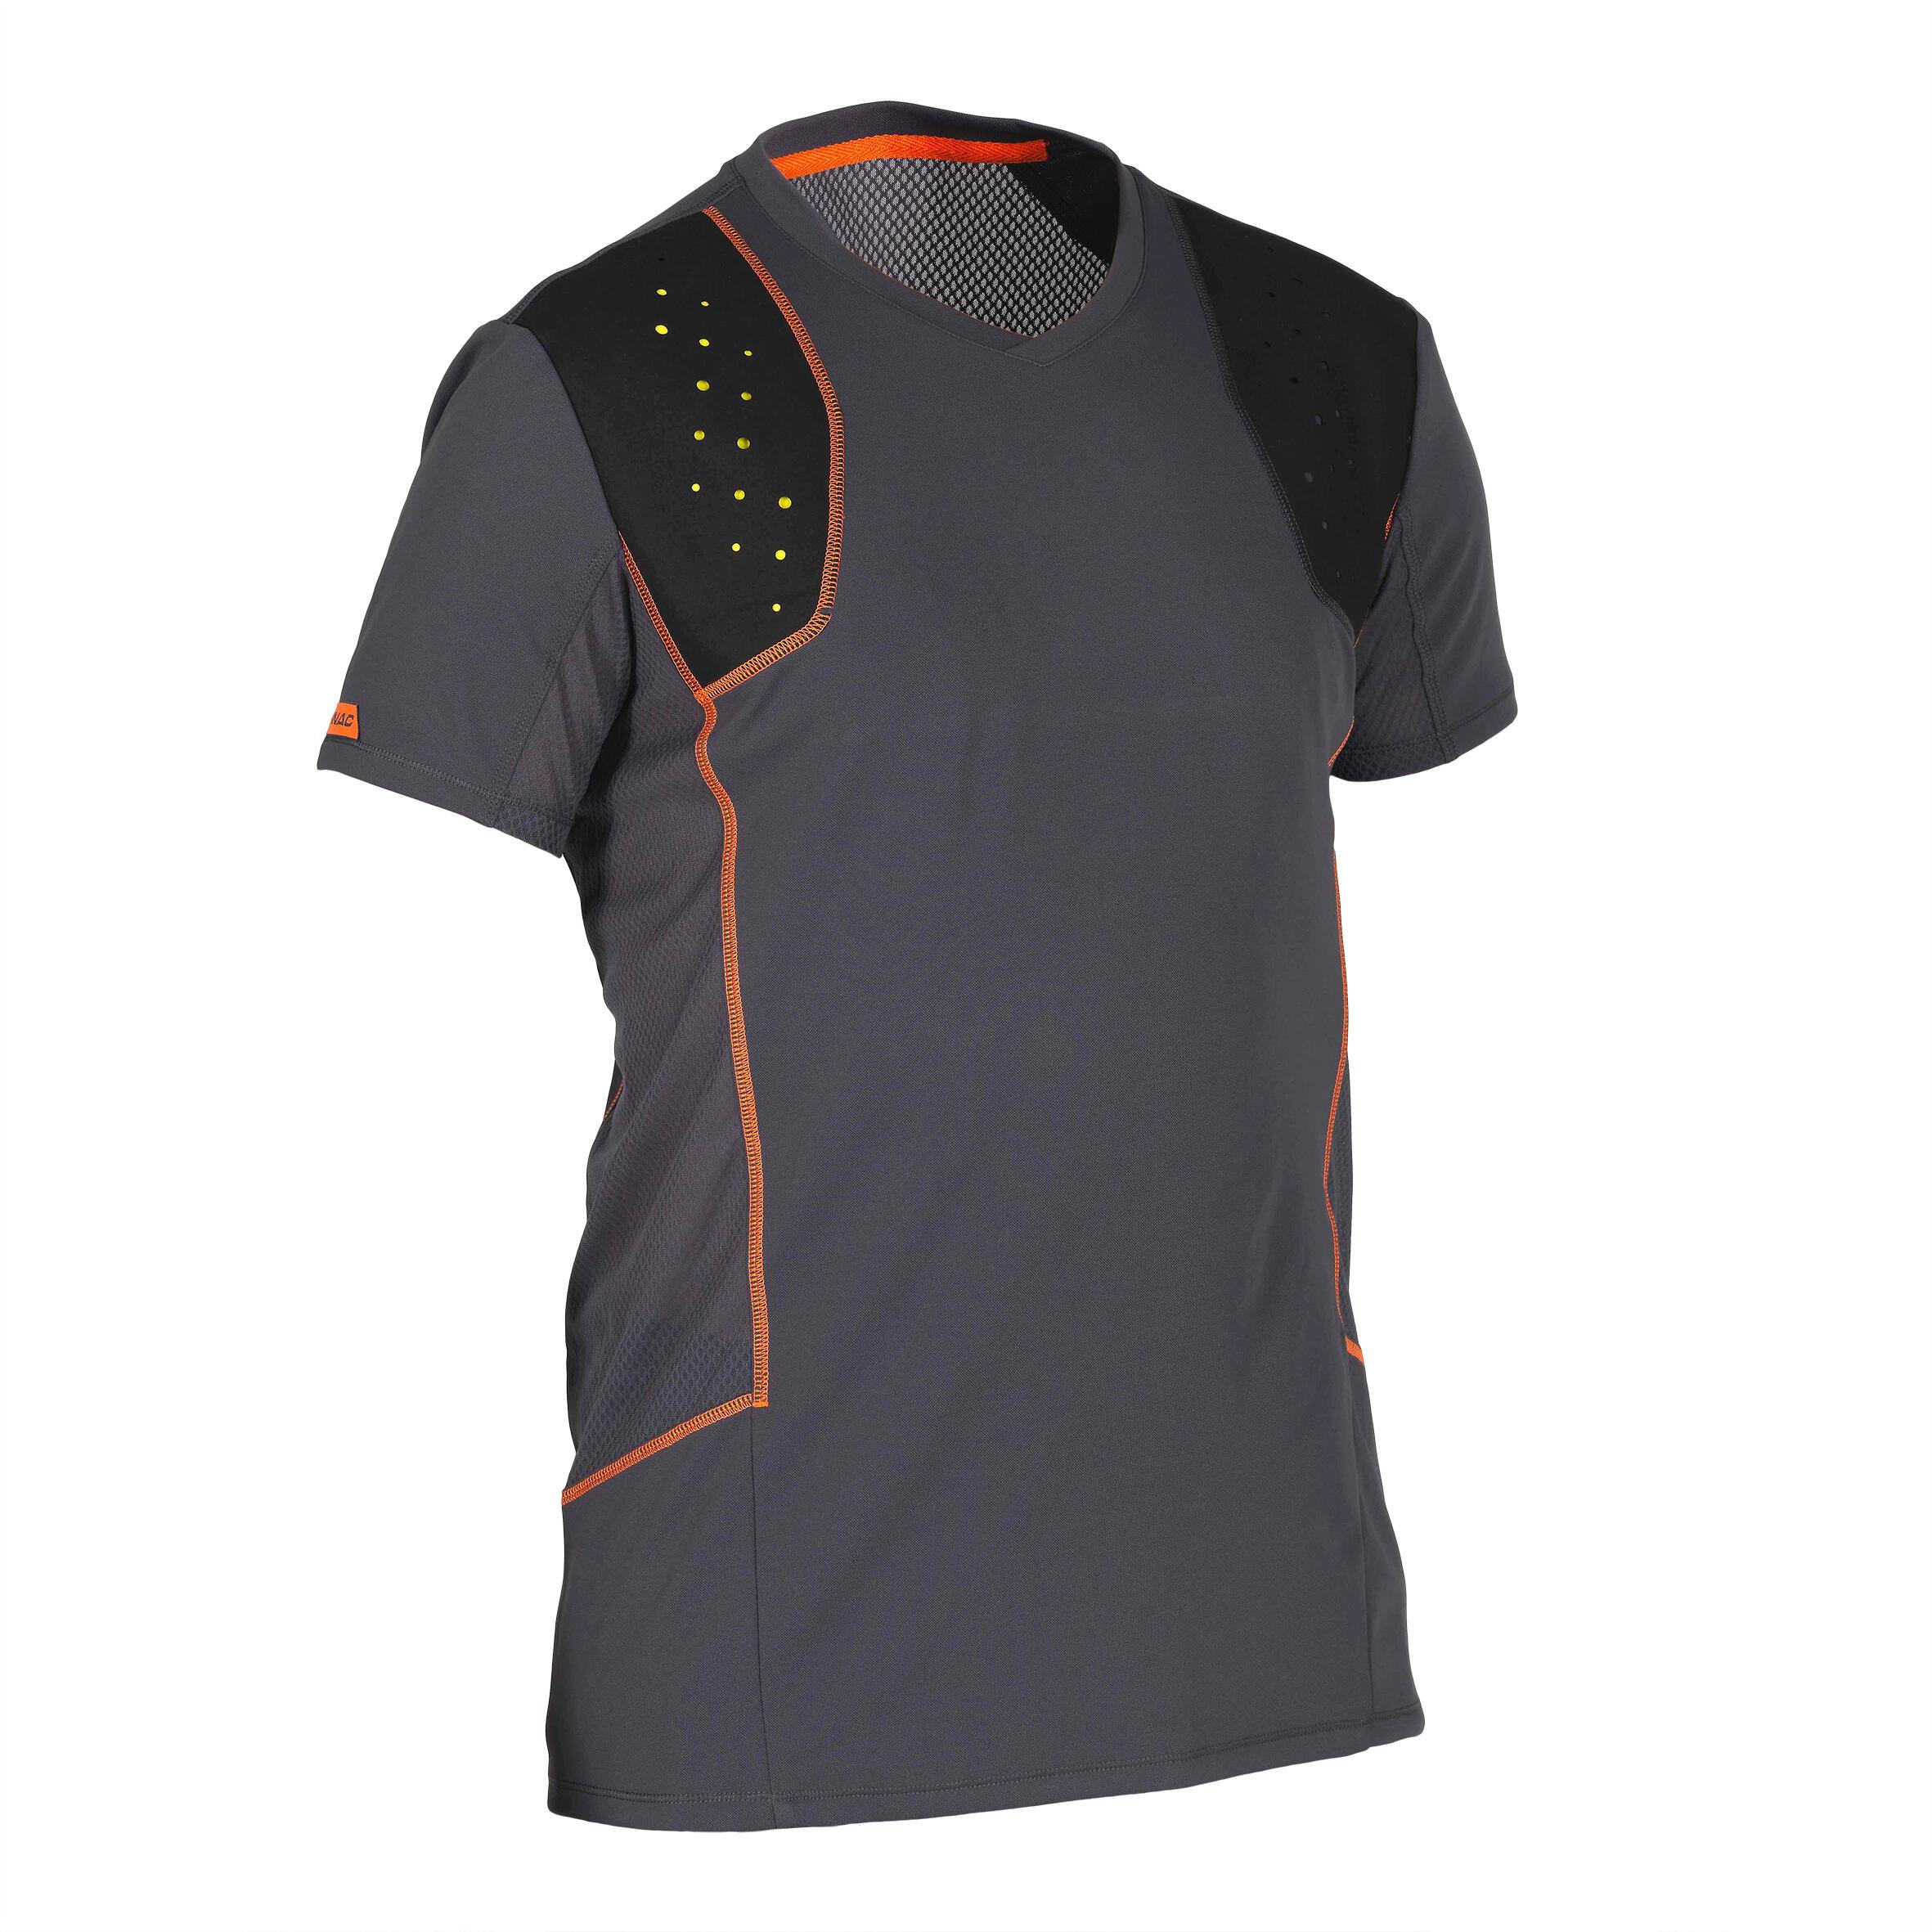 ccaf27295e175 Comprar Camisetas y Camisas de Caza online